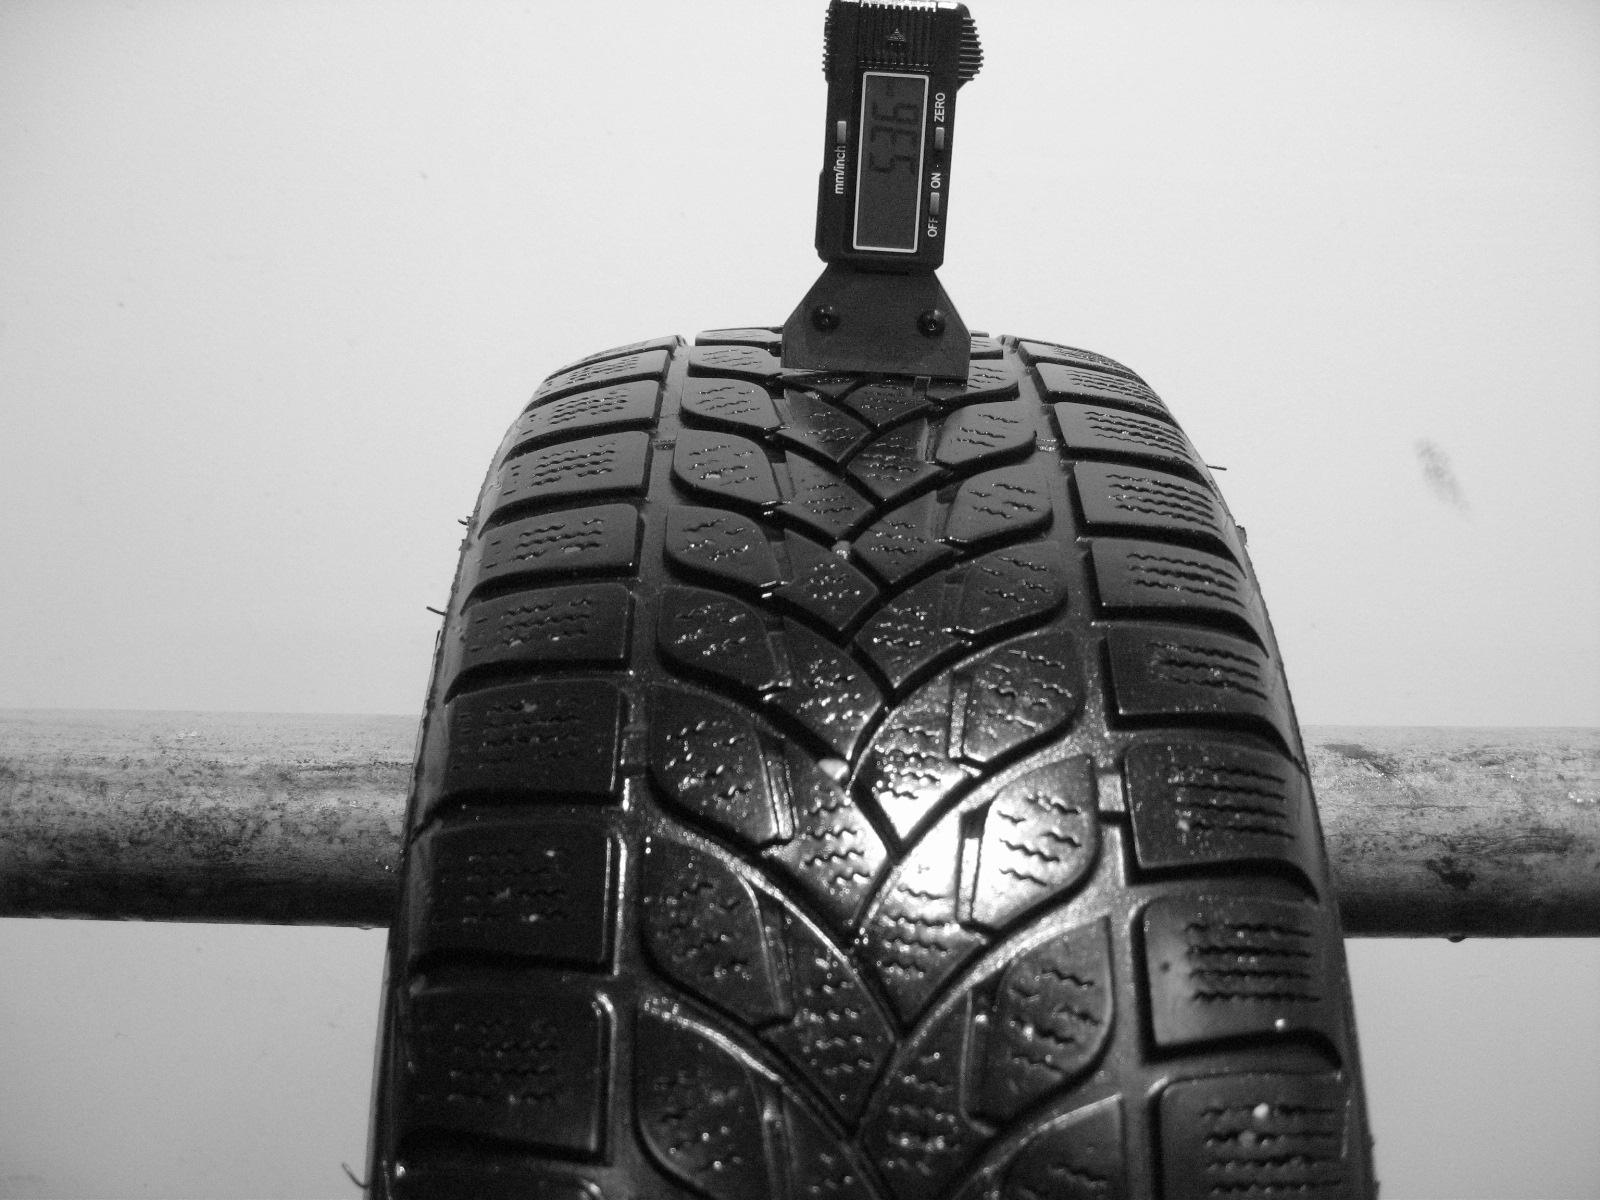 Použité-Pneu-Bazar - 185/60 R14 LASSA SNOWAYS ERA -kusovka-rezerva 3mm